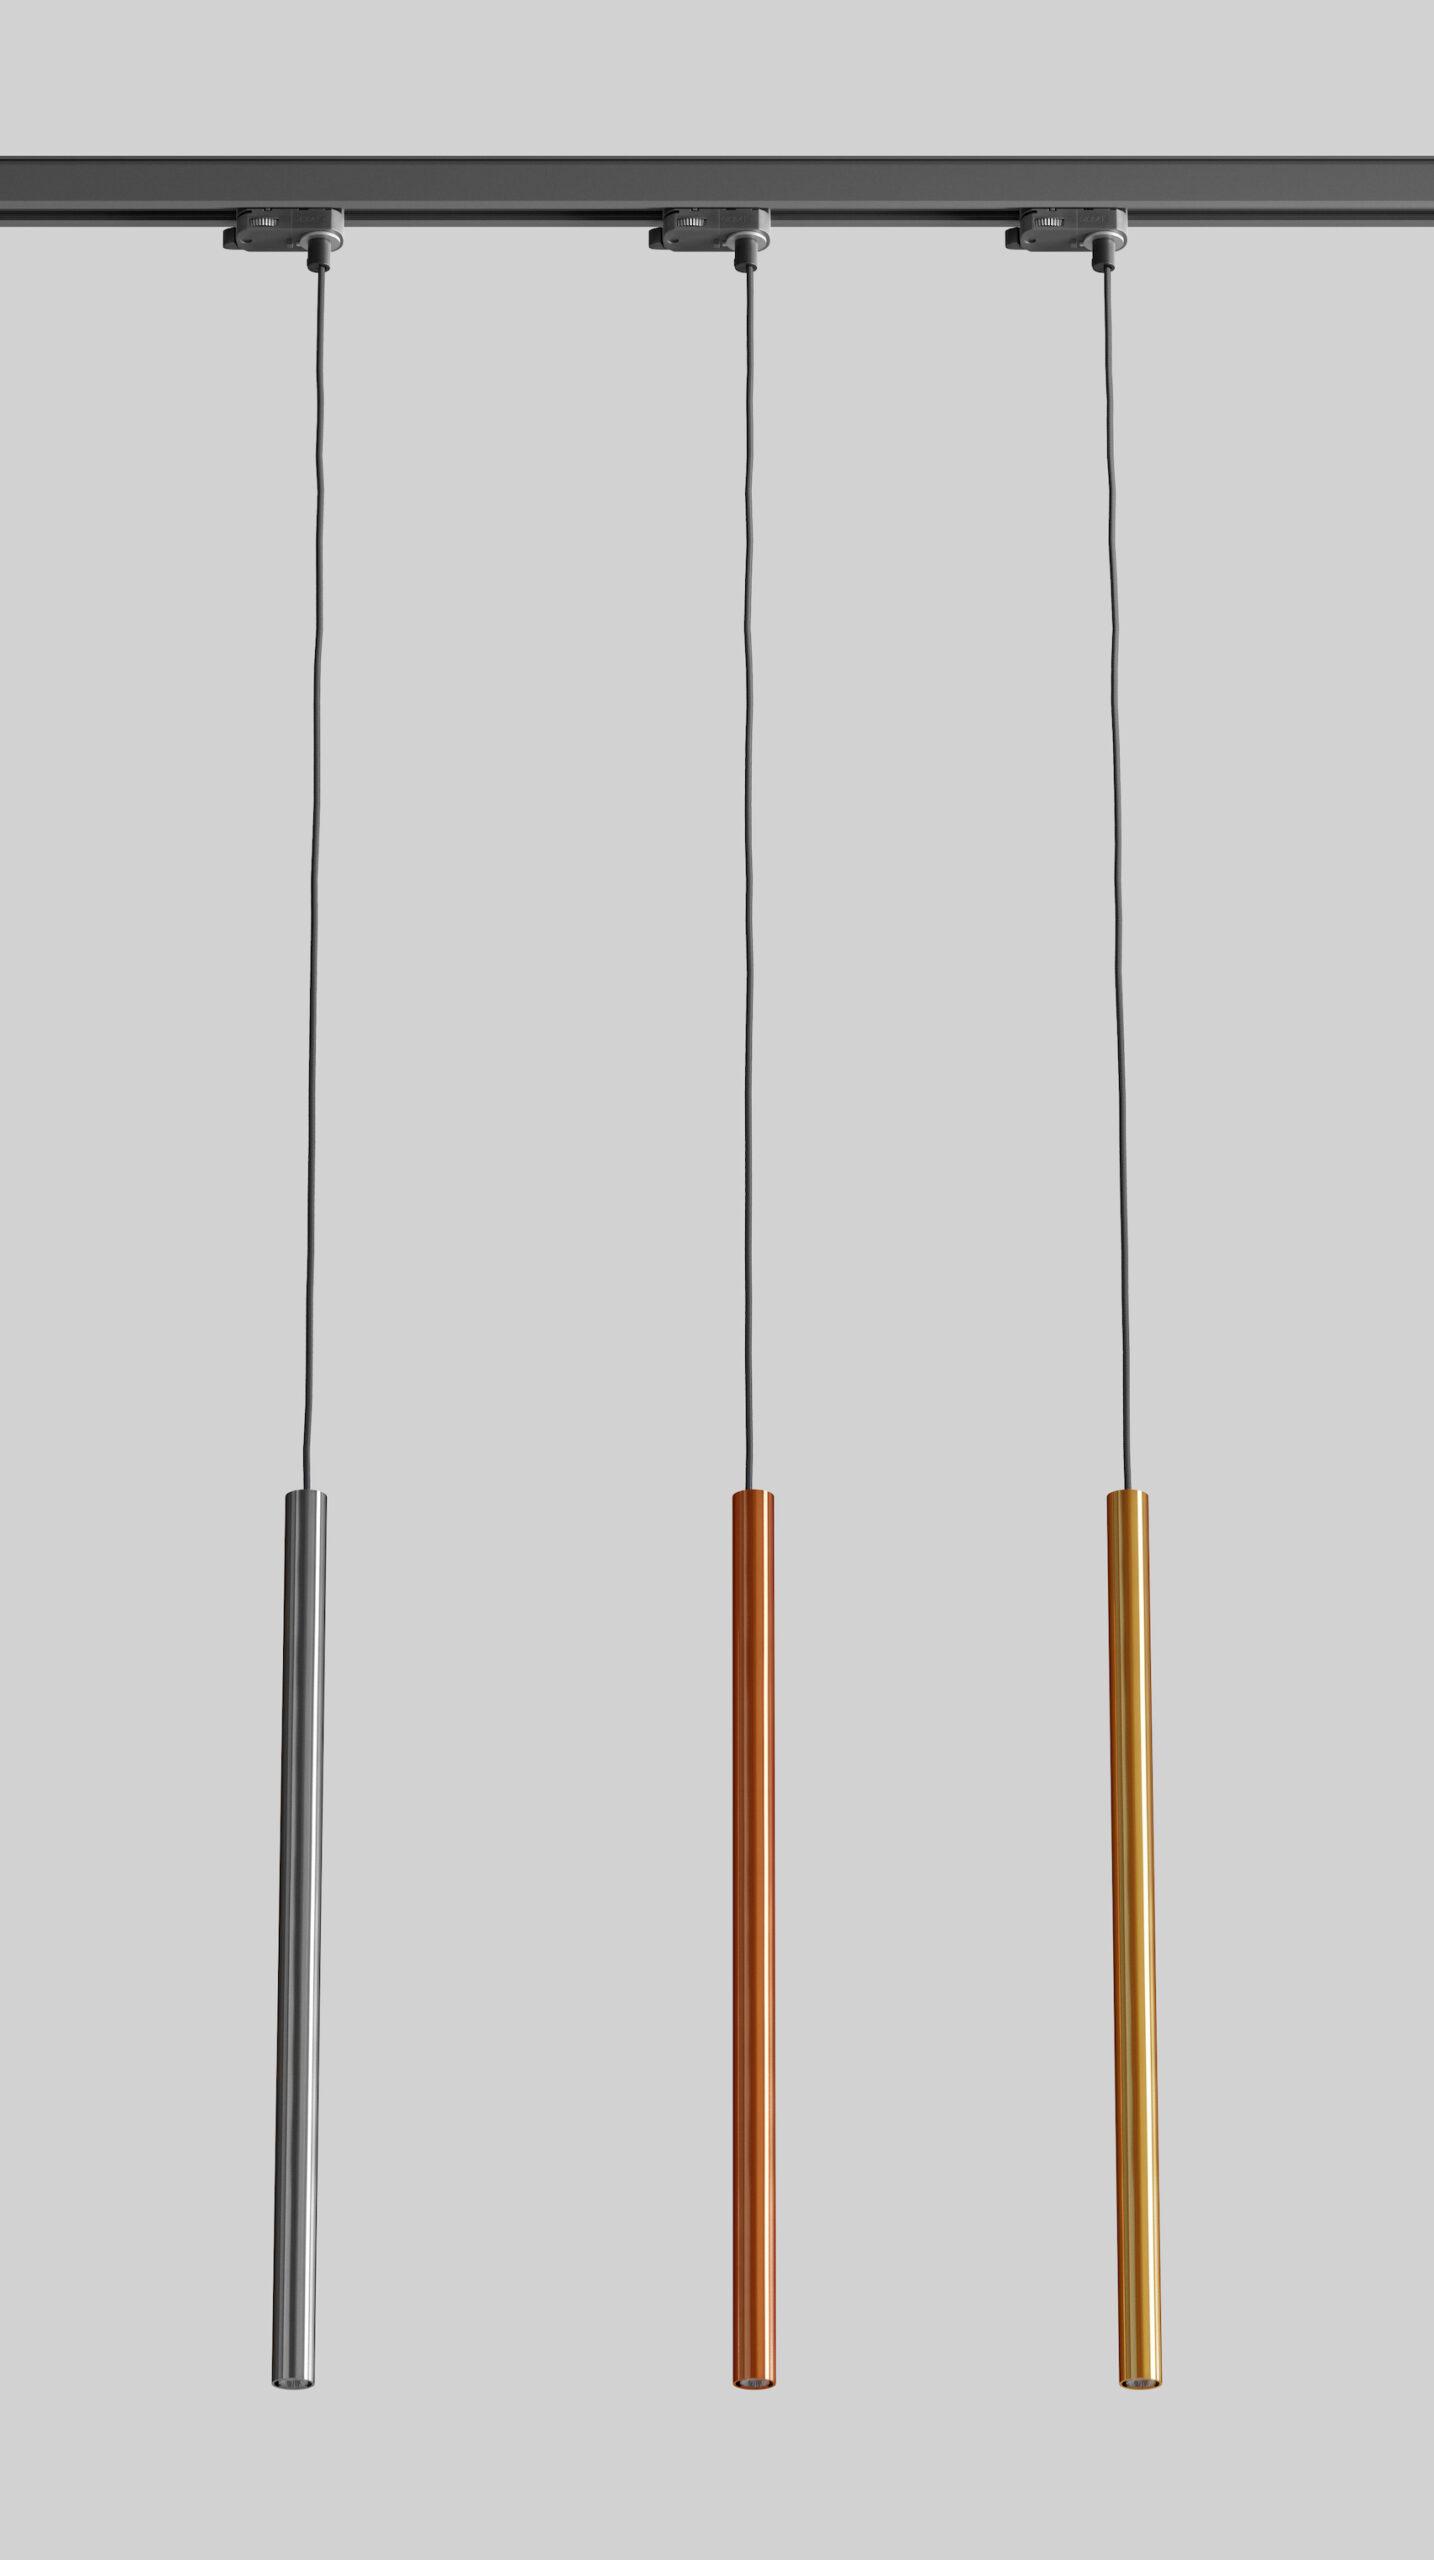 Full Size of Hngeleuchte Ner Top Fr 3 Phasen Stromschiene Dslampenat Wohnzimmer Hängelampen